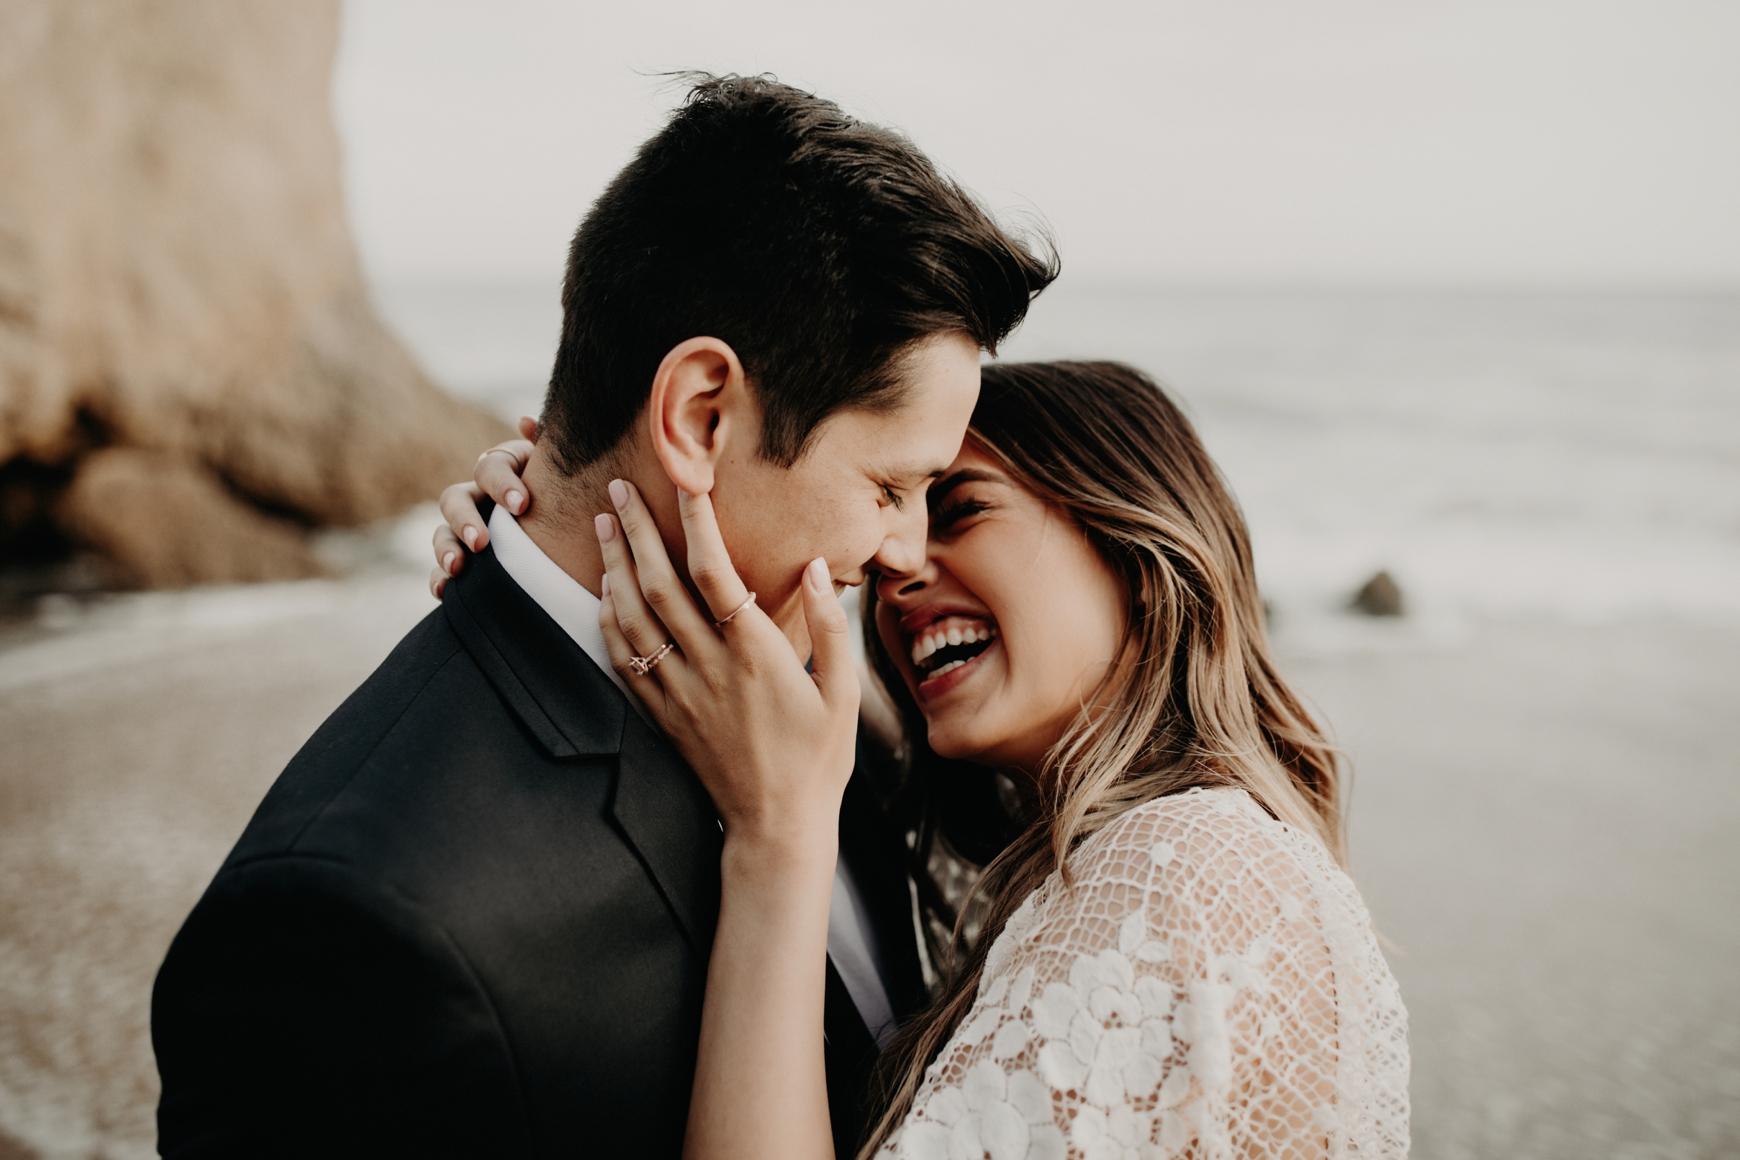 El Matador Beach Bridal Portraits Justellen & TJ Emily Magers Photography-242Emily Magers Photography.jpg